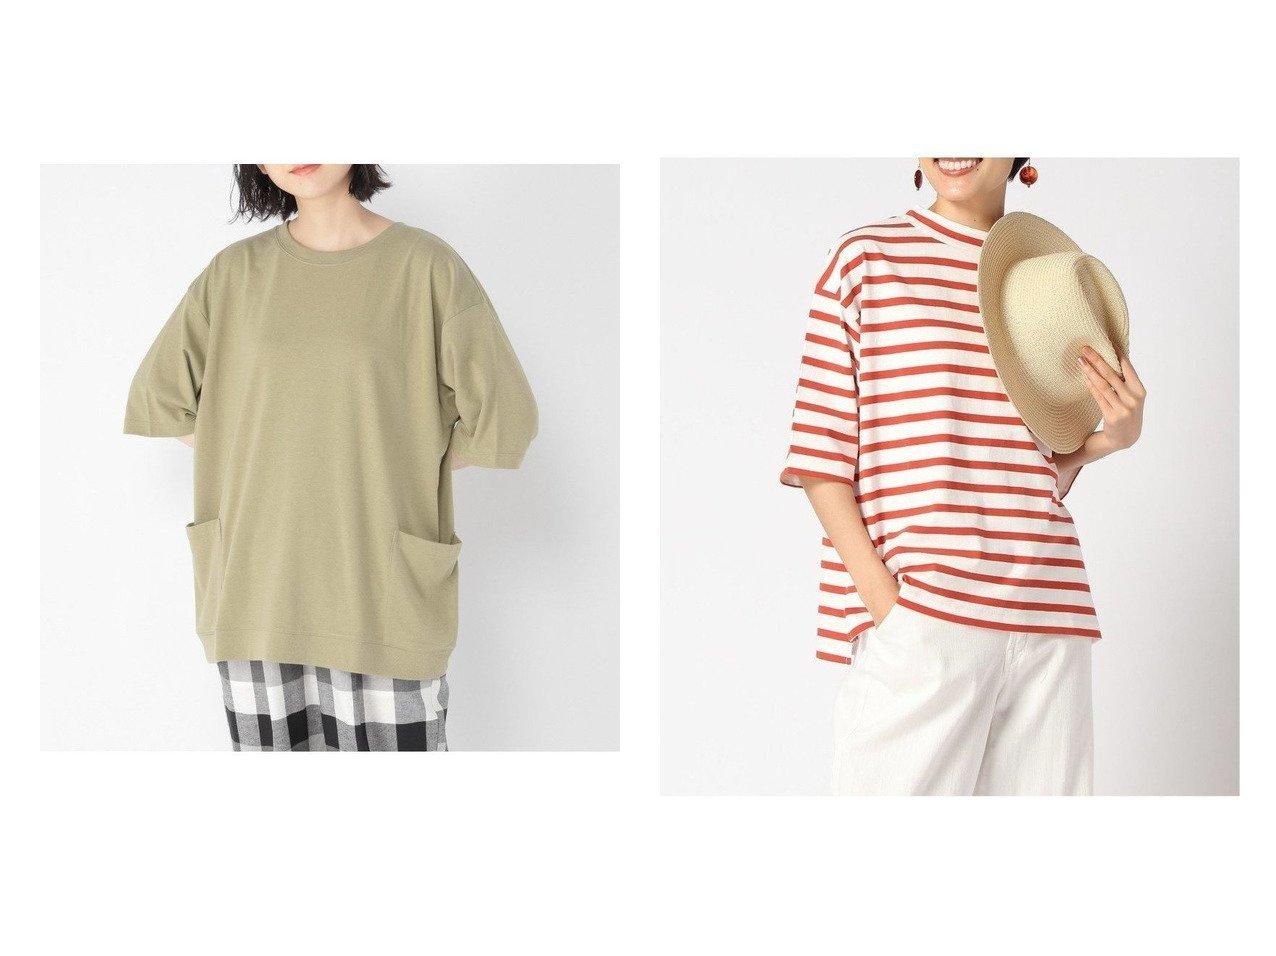 【studio CLIP/スタディオ クリップ】のキノウツキサイドPKT&【niko and…/ニコアンド】のUSACハイネックボーダーT 【プチプライス・低価格】おすすめ!人気、トレンド・レディースファッションの通販 おすすめで人気の流行・トレンド、ファッションの通販商品 インテリア・家具・メンズファッション・キッズファッション・レディースファッション・服の通販 founy(ファニー) https://founy.com/ ファッション Fashion レディースファッション WOMEN トップス・カットソー Tops/Tshirt シャツ/ブラウス Shirts/Blouses ロング / Tシャツ T-Shirts カットソー Cut and Sewn NEW・新作・新着・新入荷 New Arrivals カットソー ハイネック ボーダー |ID:crp329100000059403